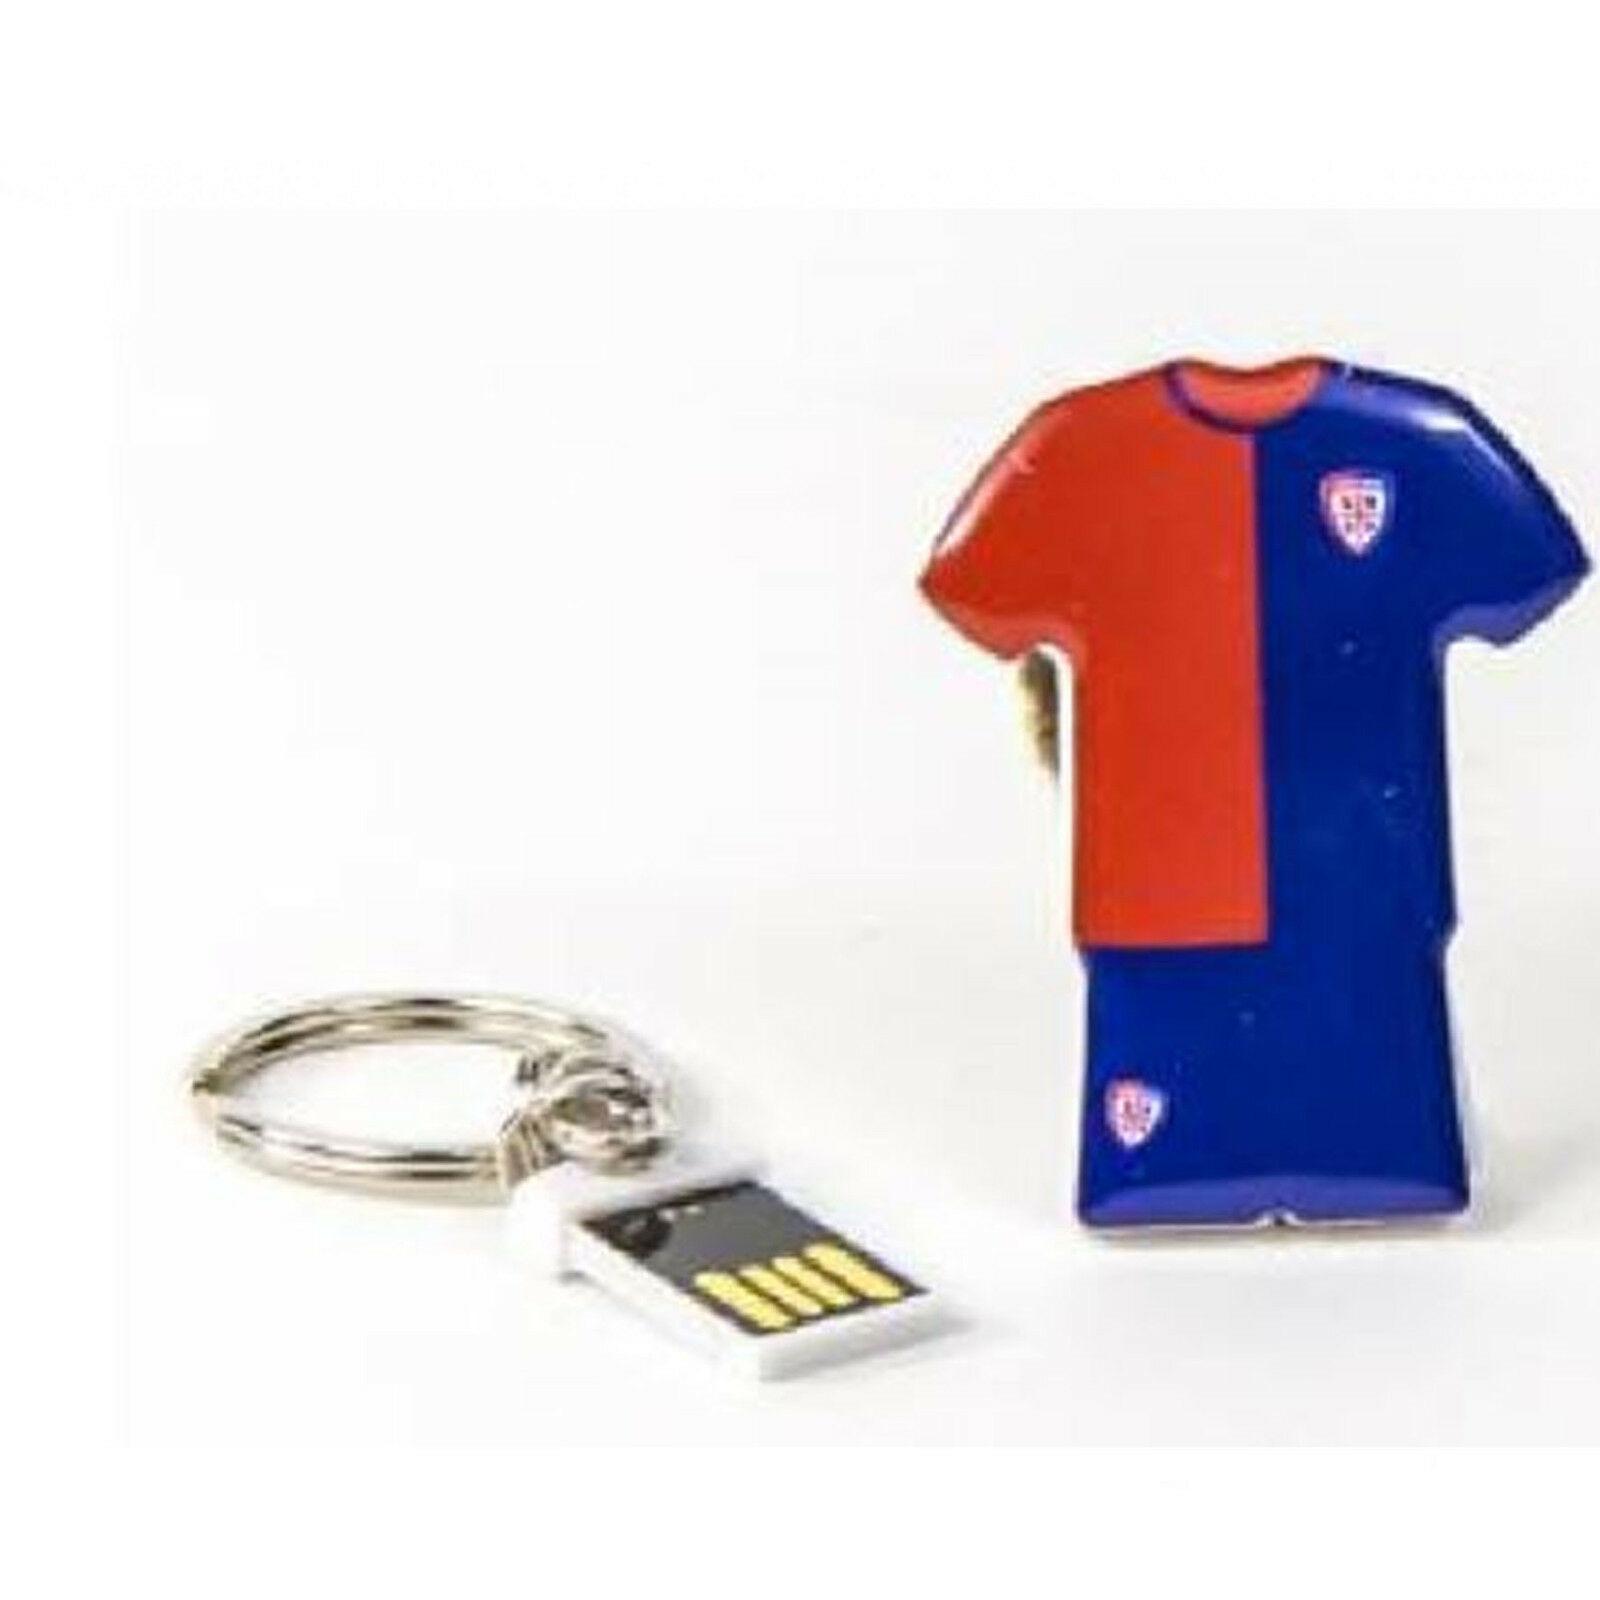 CAGLIARI CALCIO USB MAGLIA 8GB CAGLIARI CALCIO - CON ANELLO PORTACHIAVI